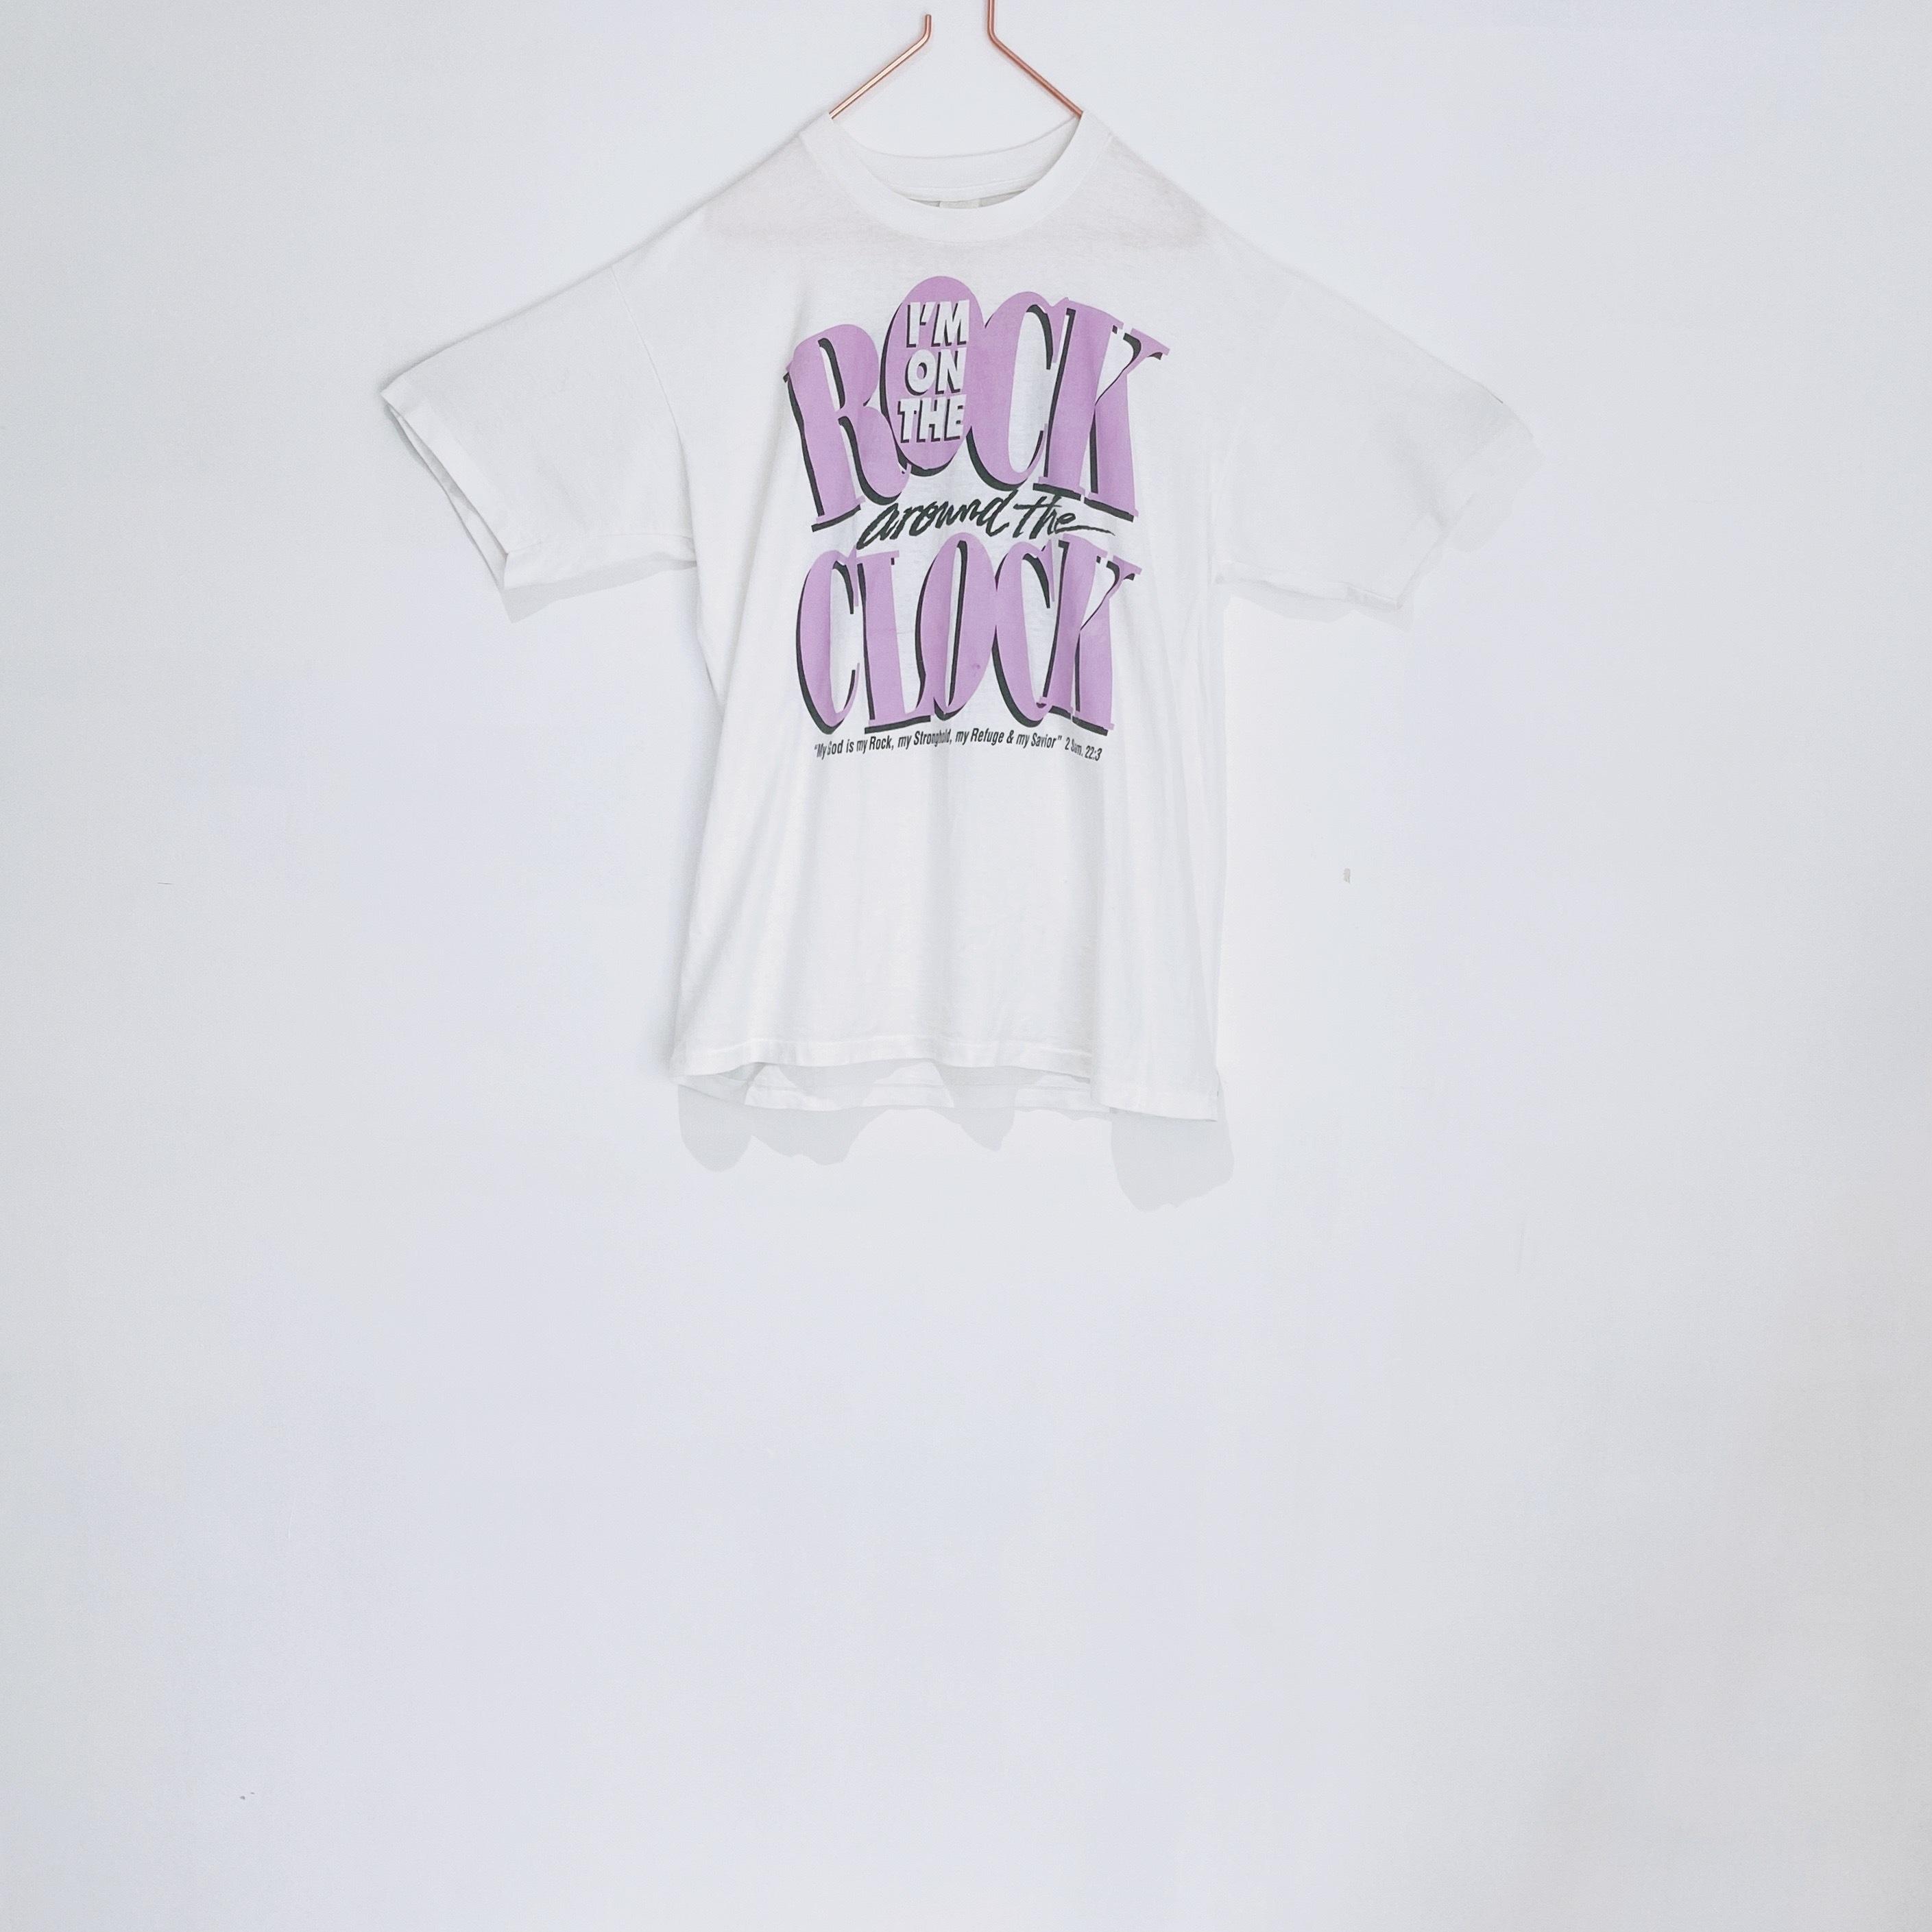 ◼︎'90 ROCK CLOCK pastel tone T-shirts from U.S.A.◼︎